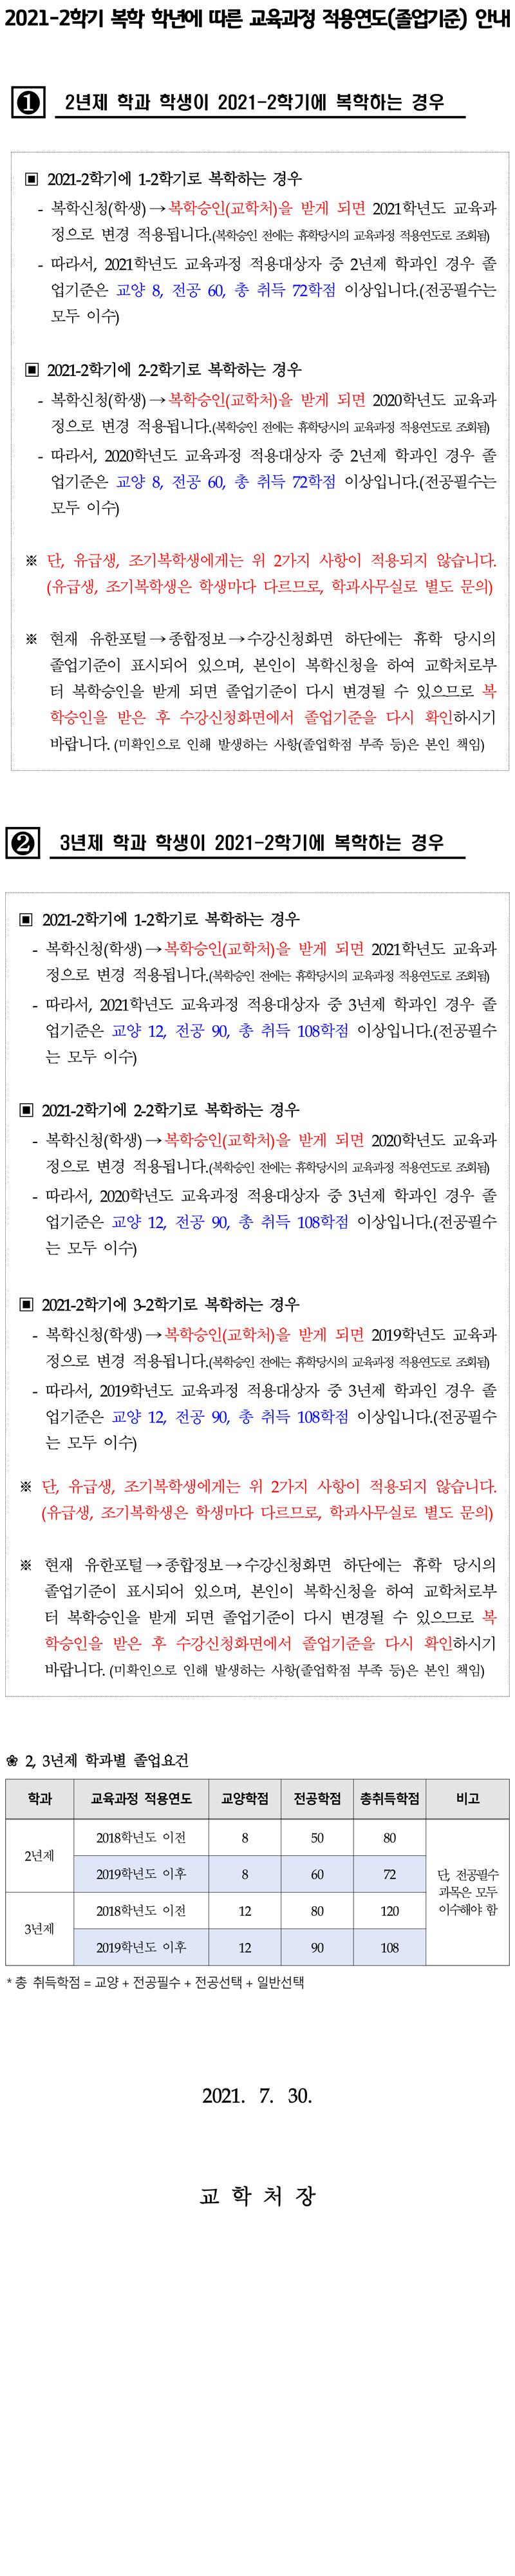 2021-2학기 복학 학년에 따른 교육과정 적용연도(졸업기준) 안내_홈페이지공지, 20210730.png